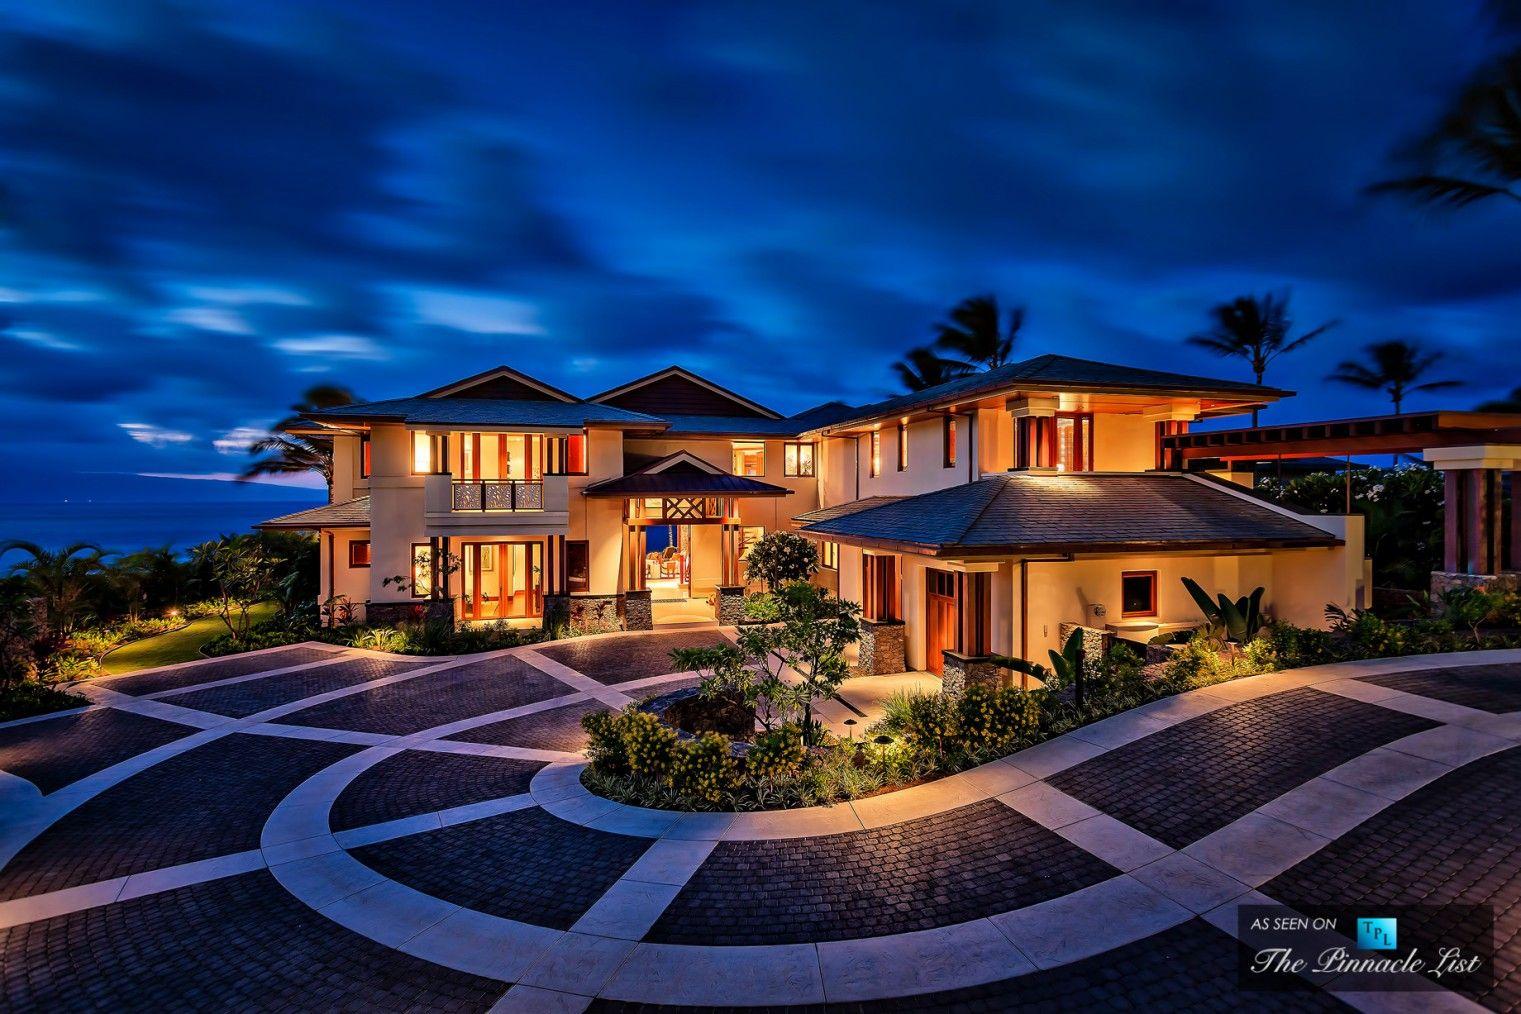 Beautiful Homes In Hawaii 3 kapalua place, kapalua, lahaina, maui, hawaii   home design